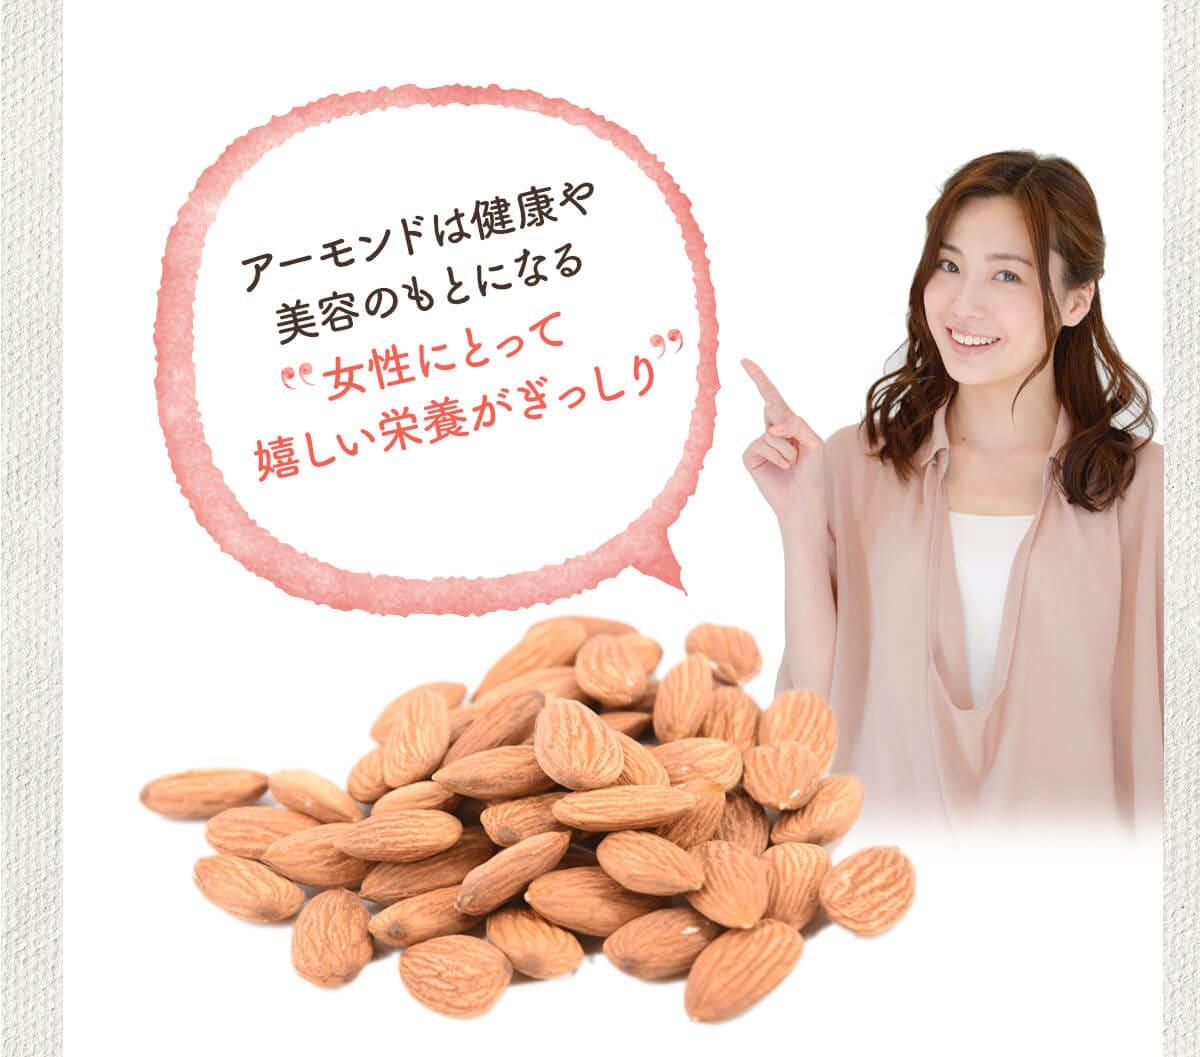 アーモンドは健康や美容のもとになる栄養がぎっしり